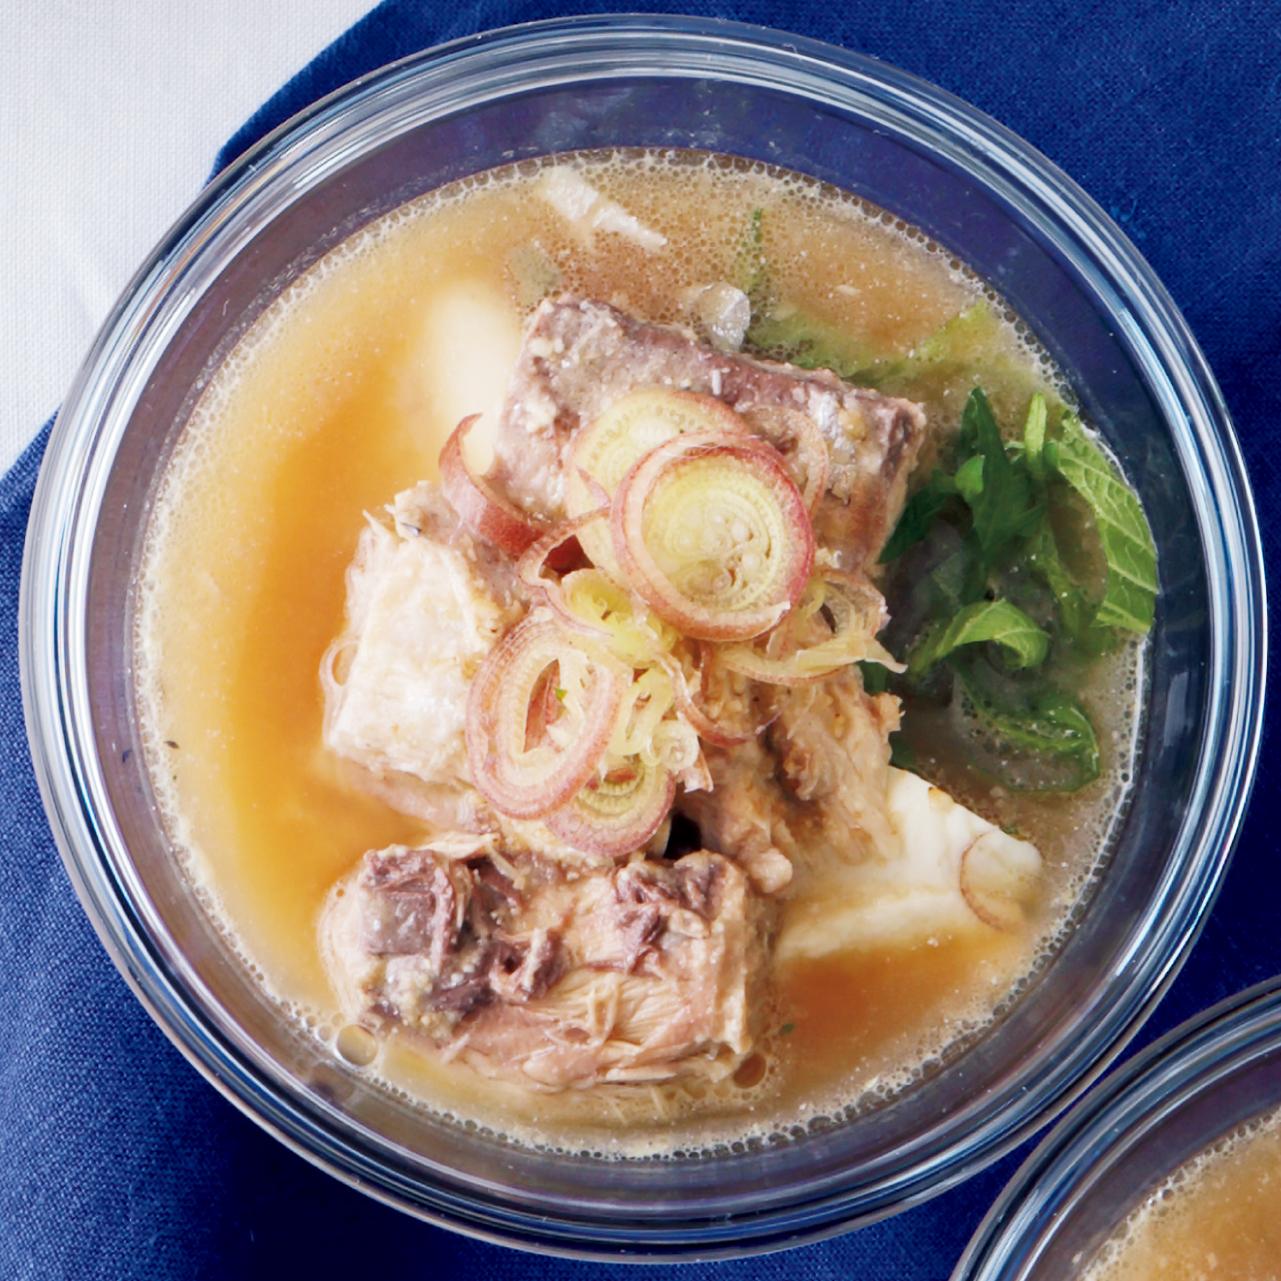 サバの水煮入り冷や汁麺